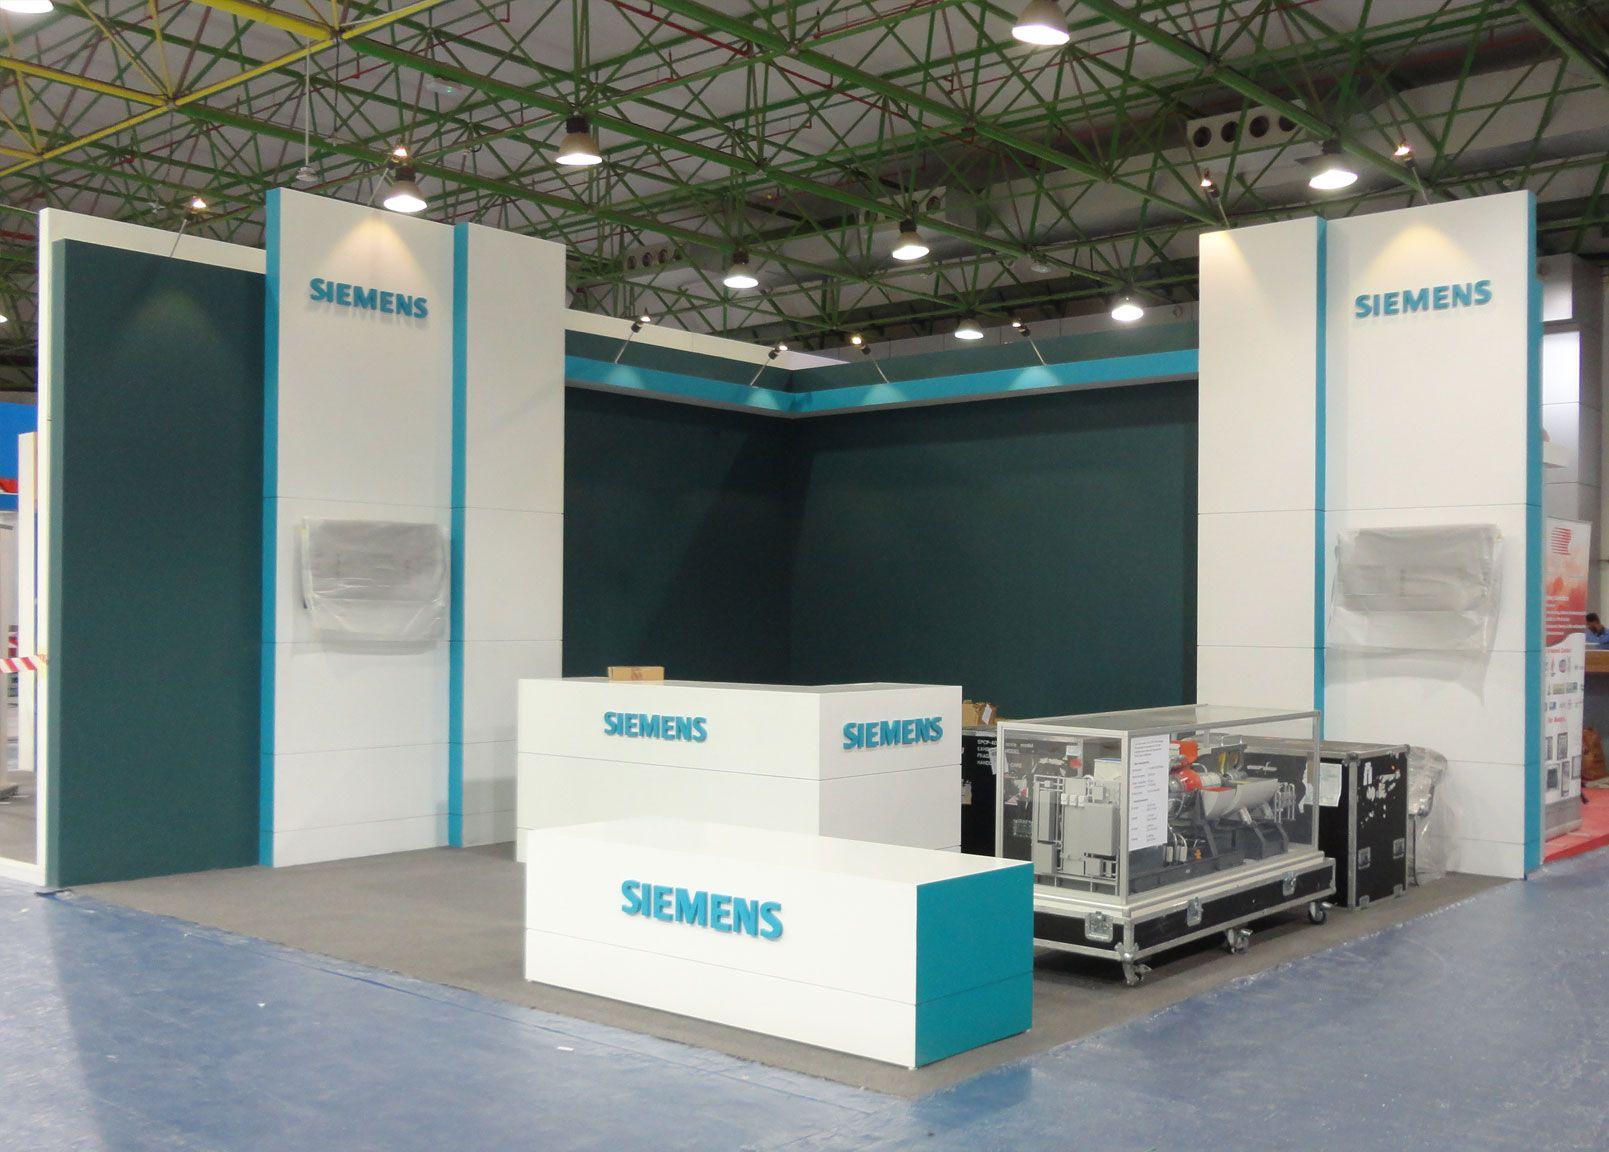 Exhibition Stand Design Saudi Arabia : Wop kuwait